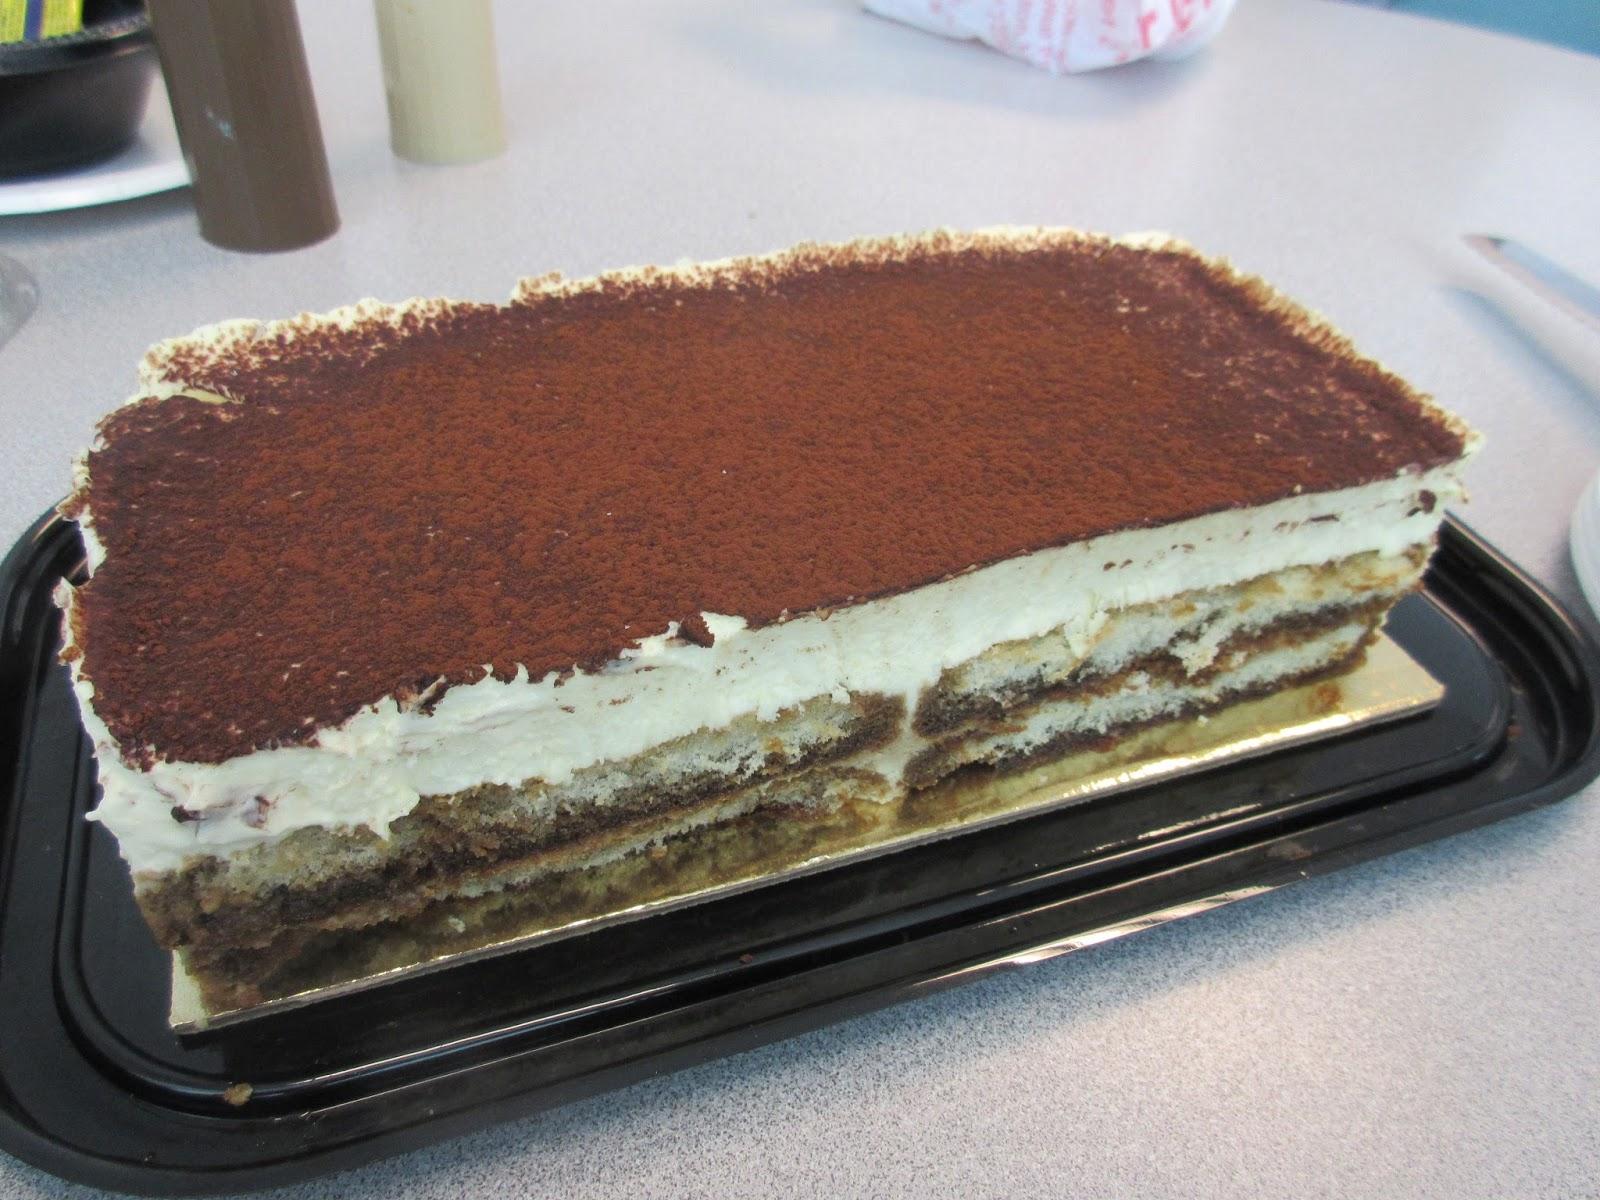 Cake Hour Cackle Tiramisu Cake for the Newbies